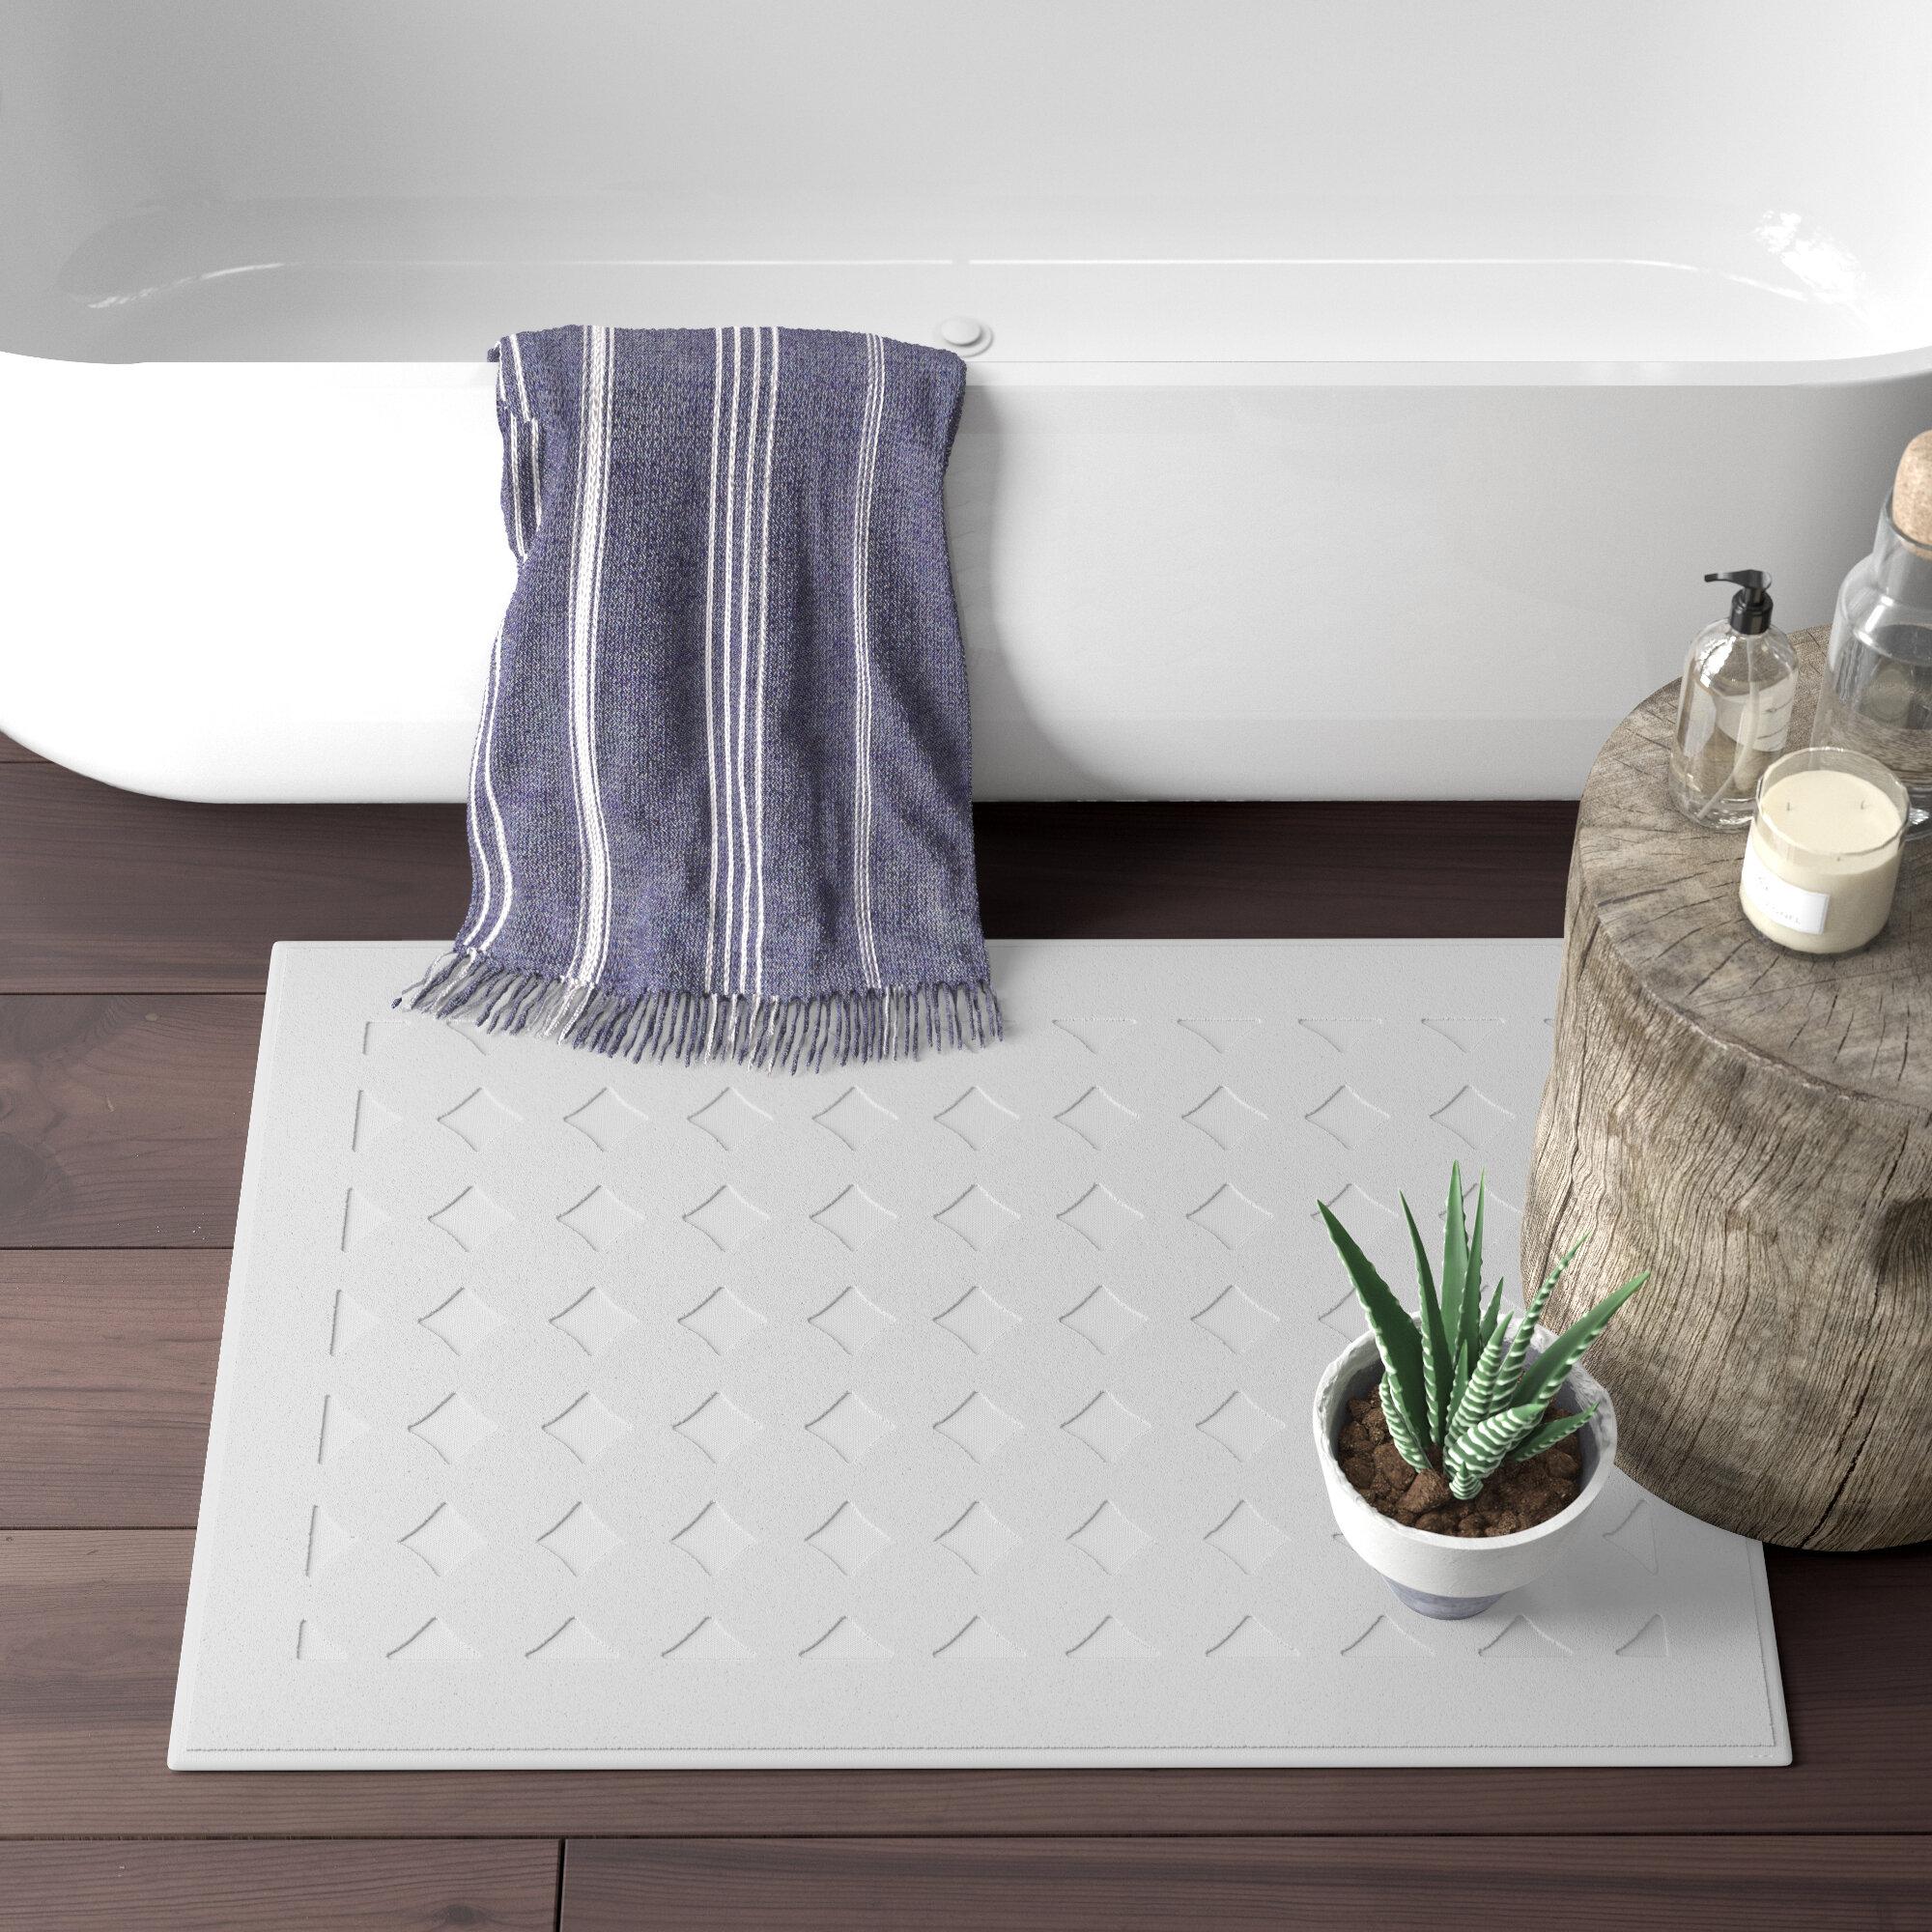 Latitude Run Toscano 100 Cotton Polka Dots Bath Rug Reviews Wayfair